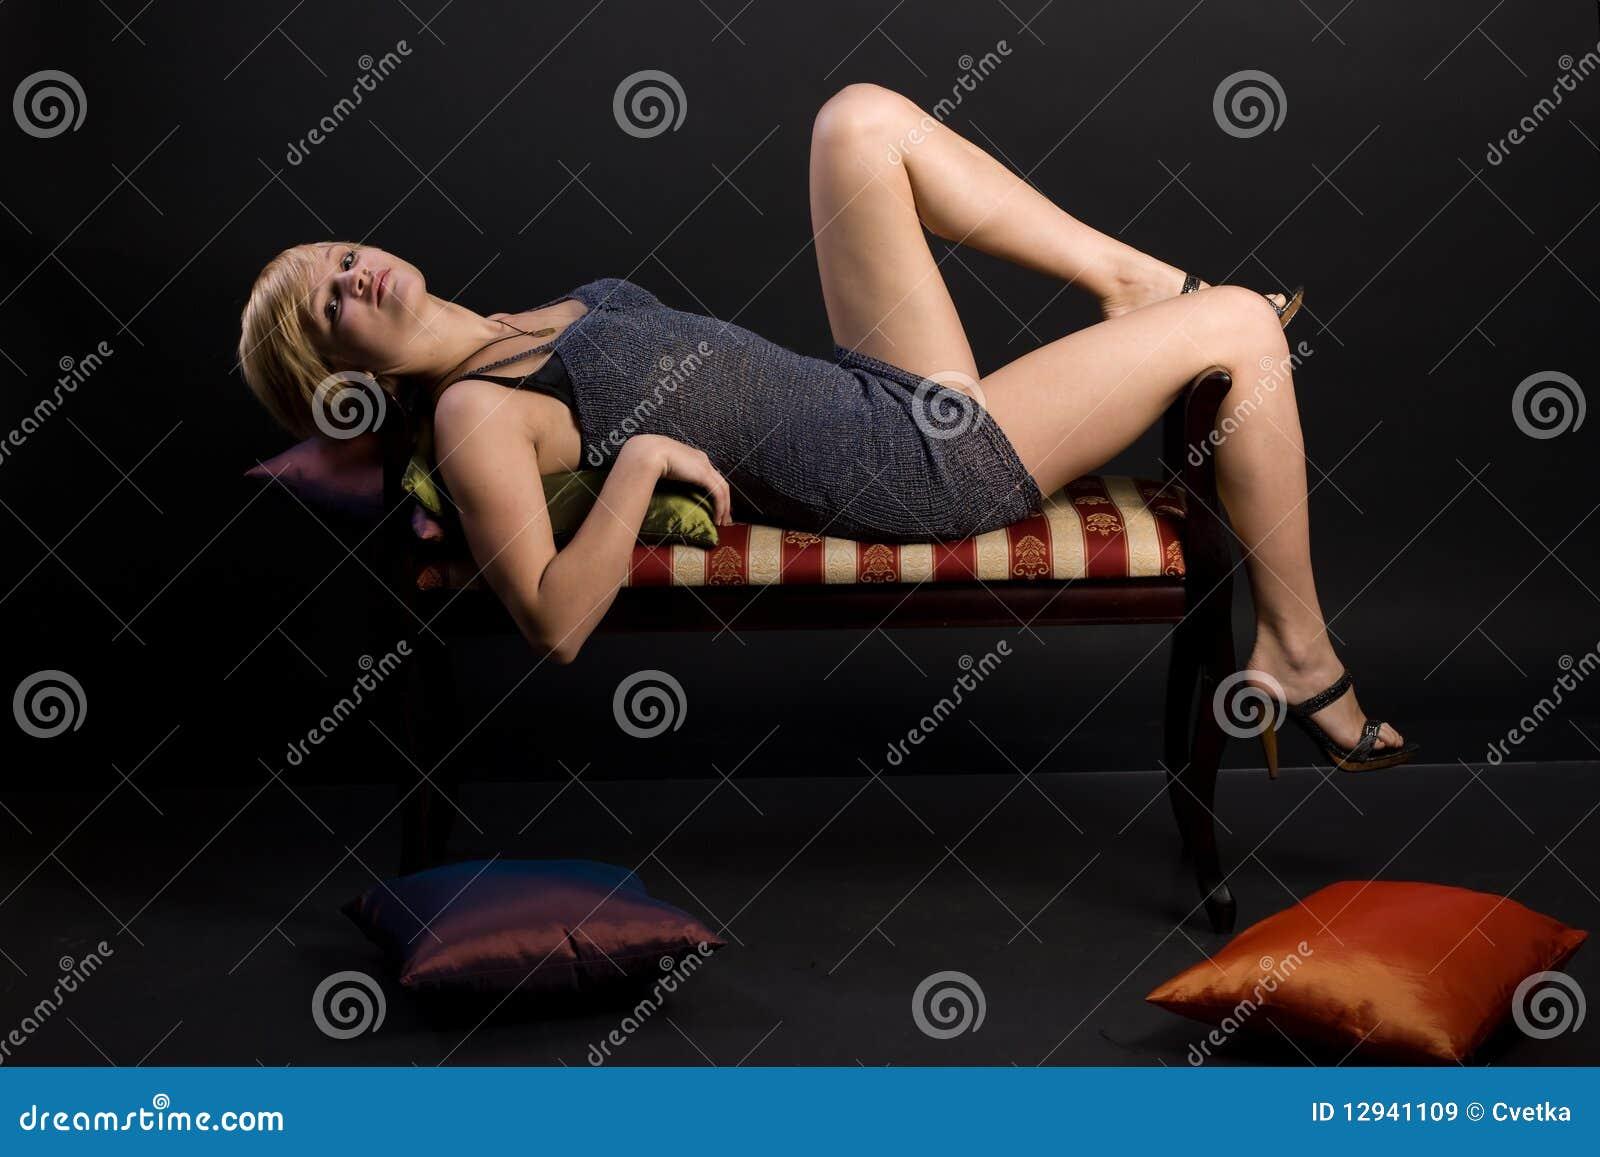 Зрелые девушка скачет на стуле онлайн